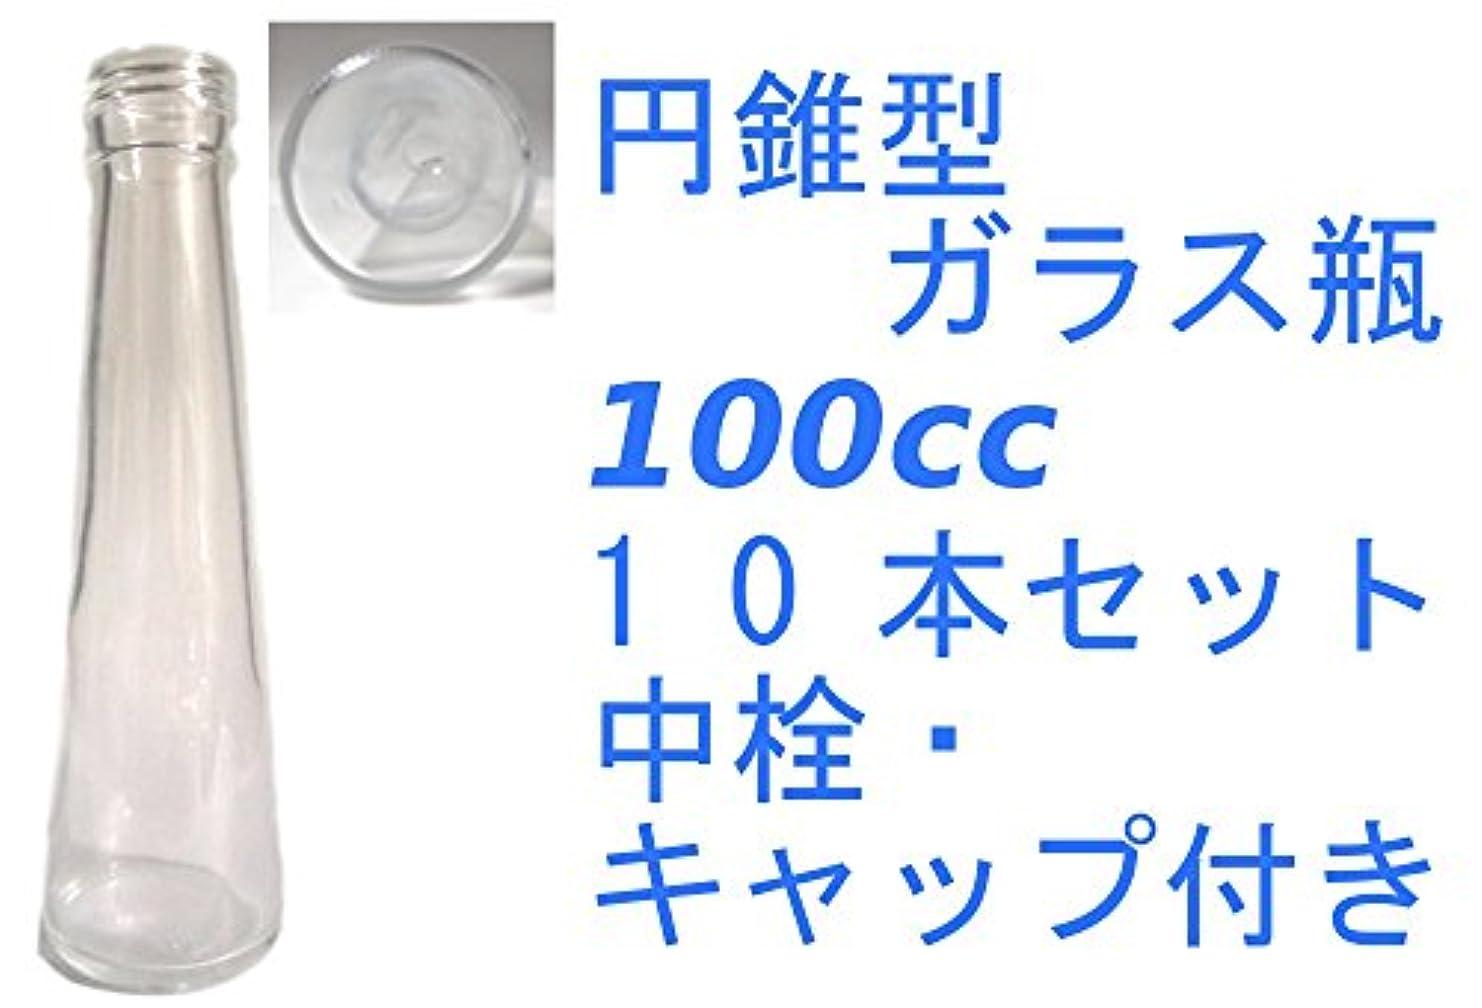 展望台小数地獄(ジャストユーズ)JustU's 日本製 ポリ栓 中栓付き円錐型ガラス瓶 10本セット 100cc 100ml アロマディフューザー ハーバリウム 調味料 オイル タレ ドレッシング瓶 B10-SSG100A-A